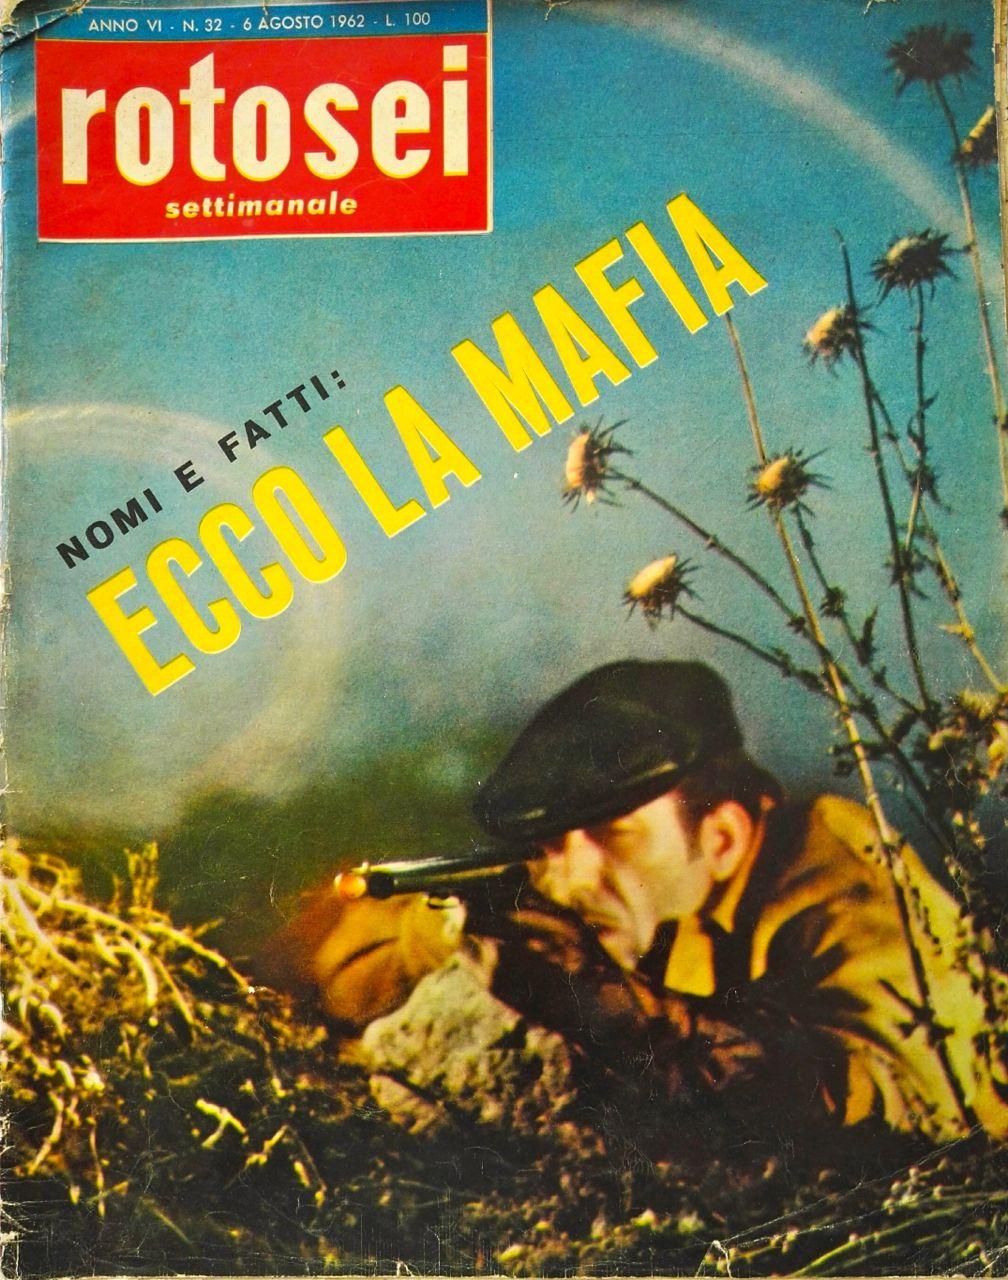 Quel reportage di Fusco sulla mafia anni Sessanta